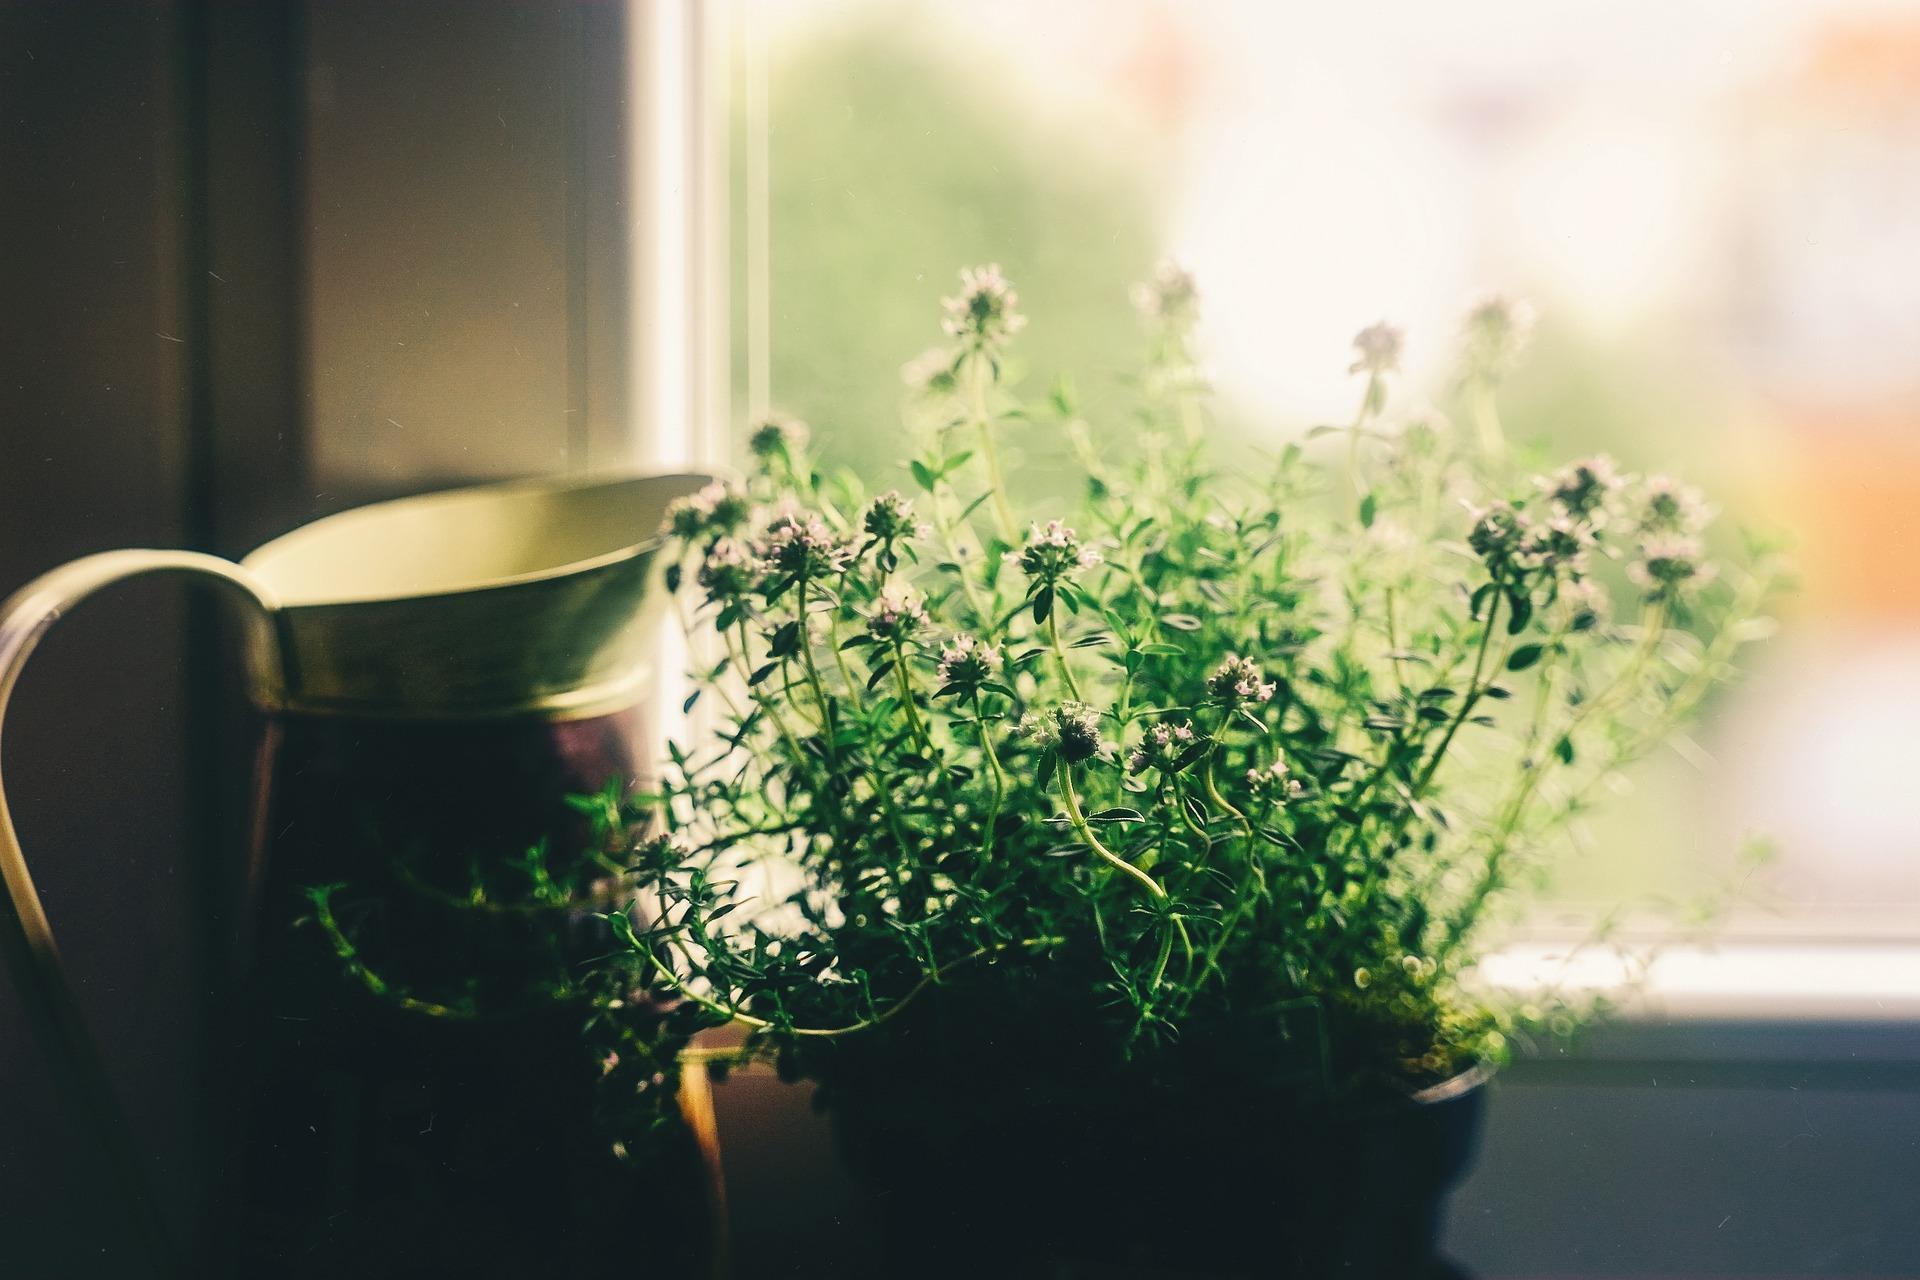 20 Pflanzen, die in deinem Haus positive Energie erzeugen